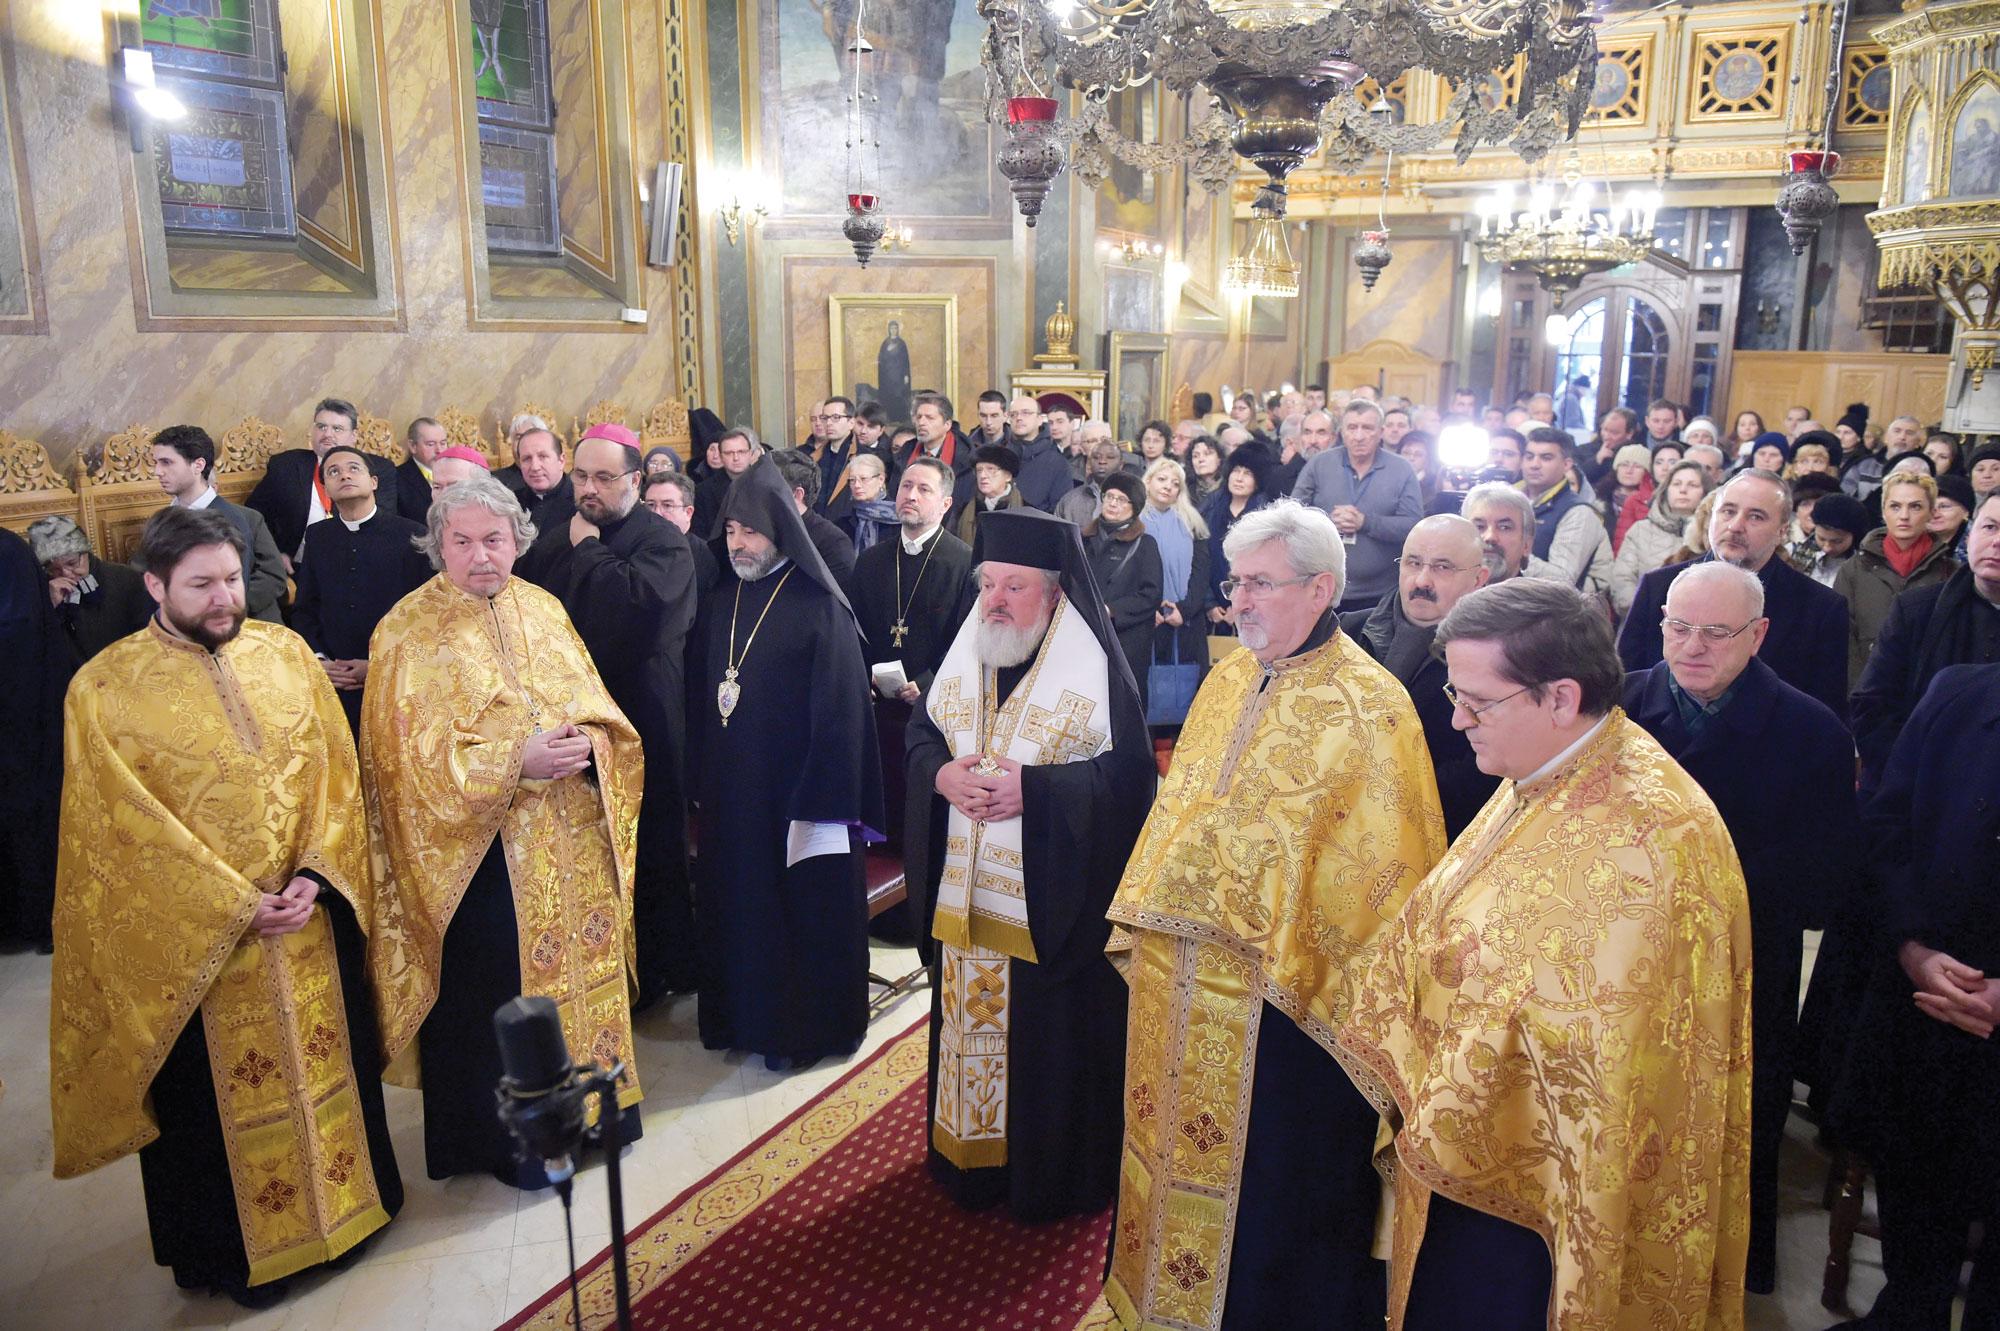 Unitatea Bisericii, darul lui Dumnezeu